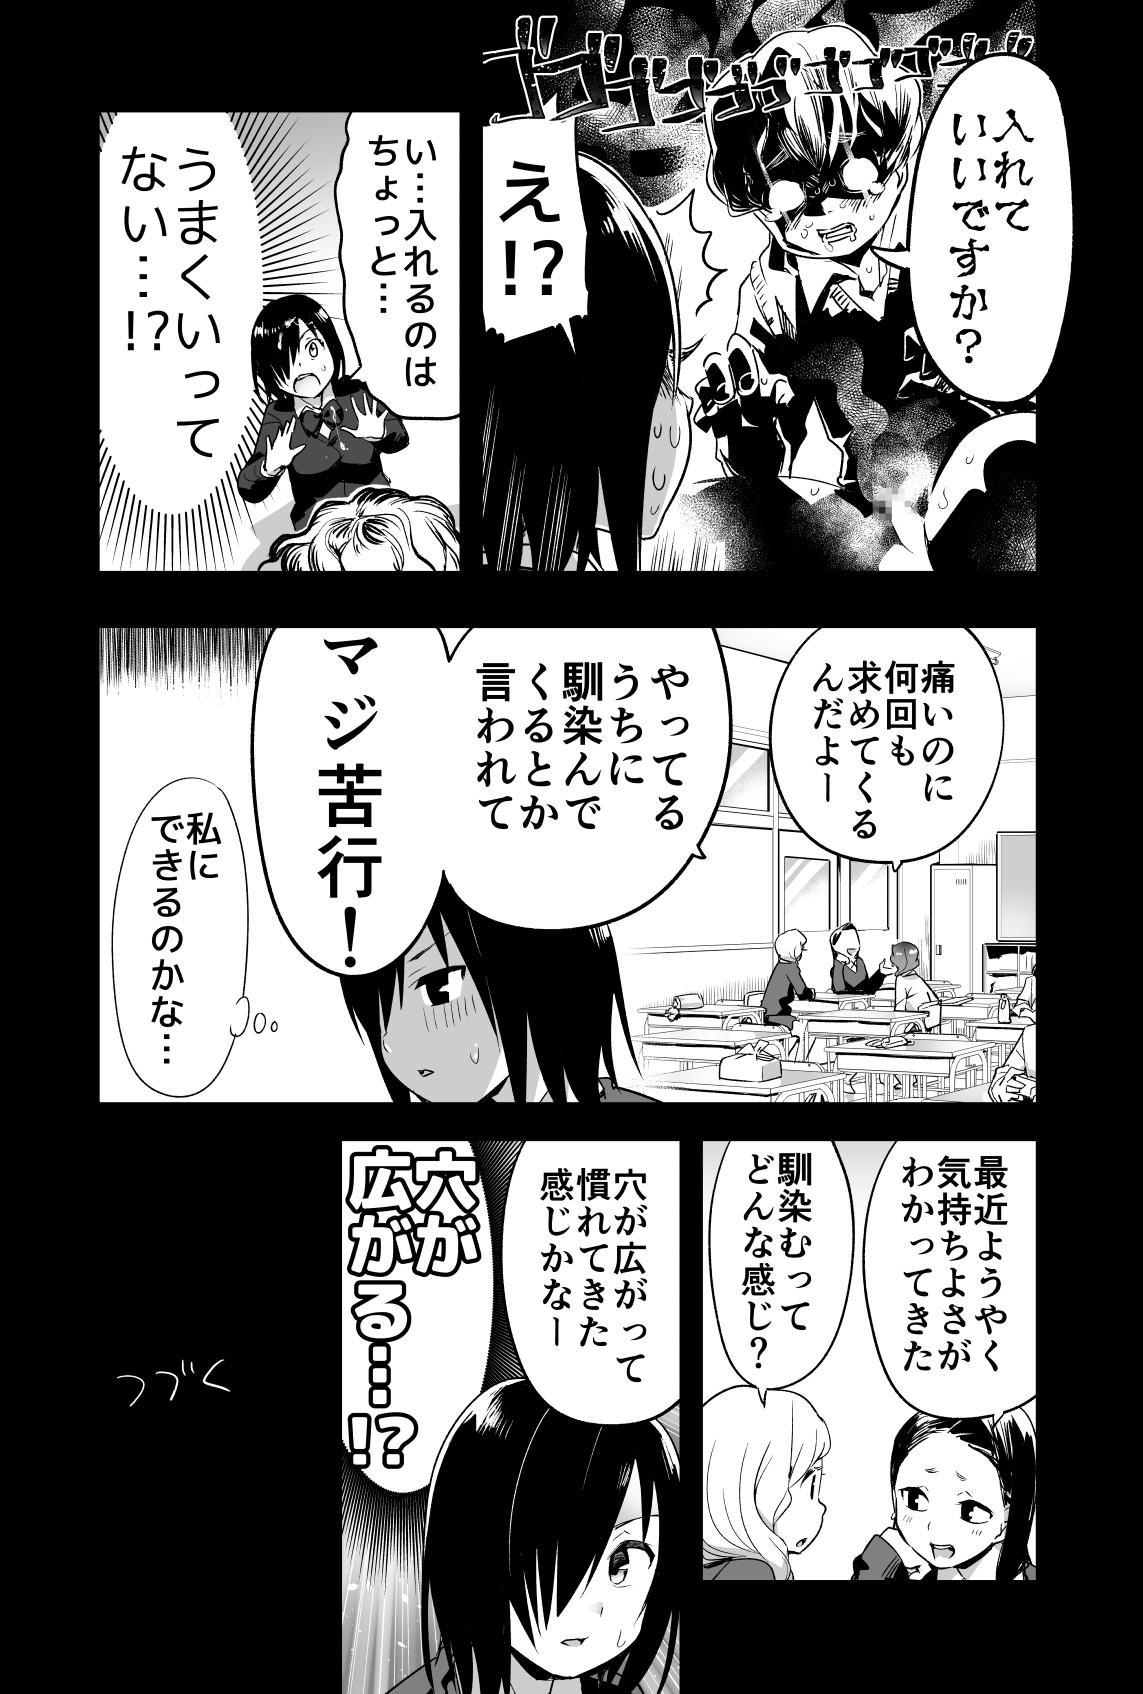 Yoshimura-san Ch. 0 Zenpen 8